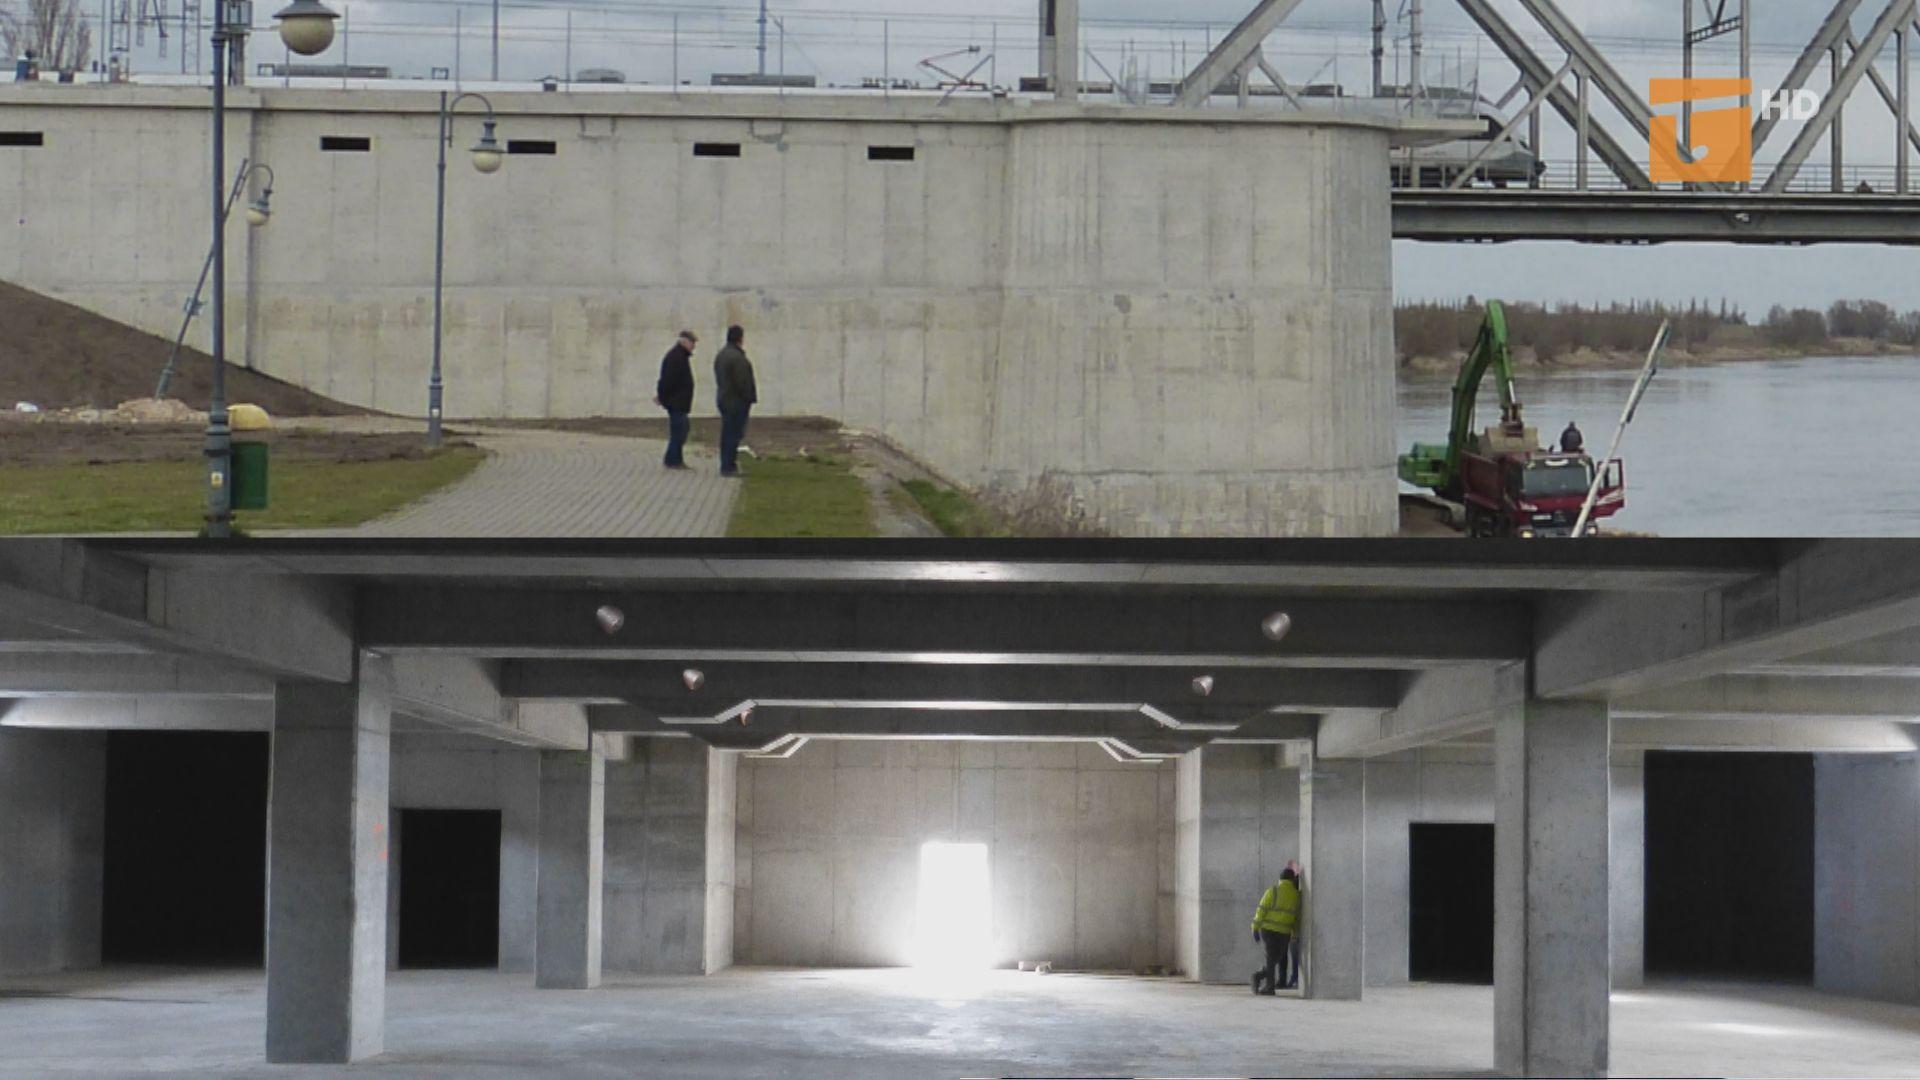 Skarb ukryty w podziemiach mostu